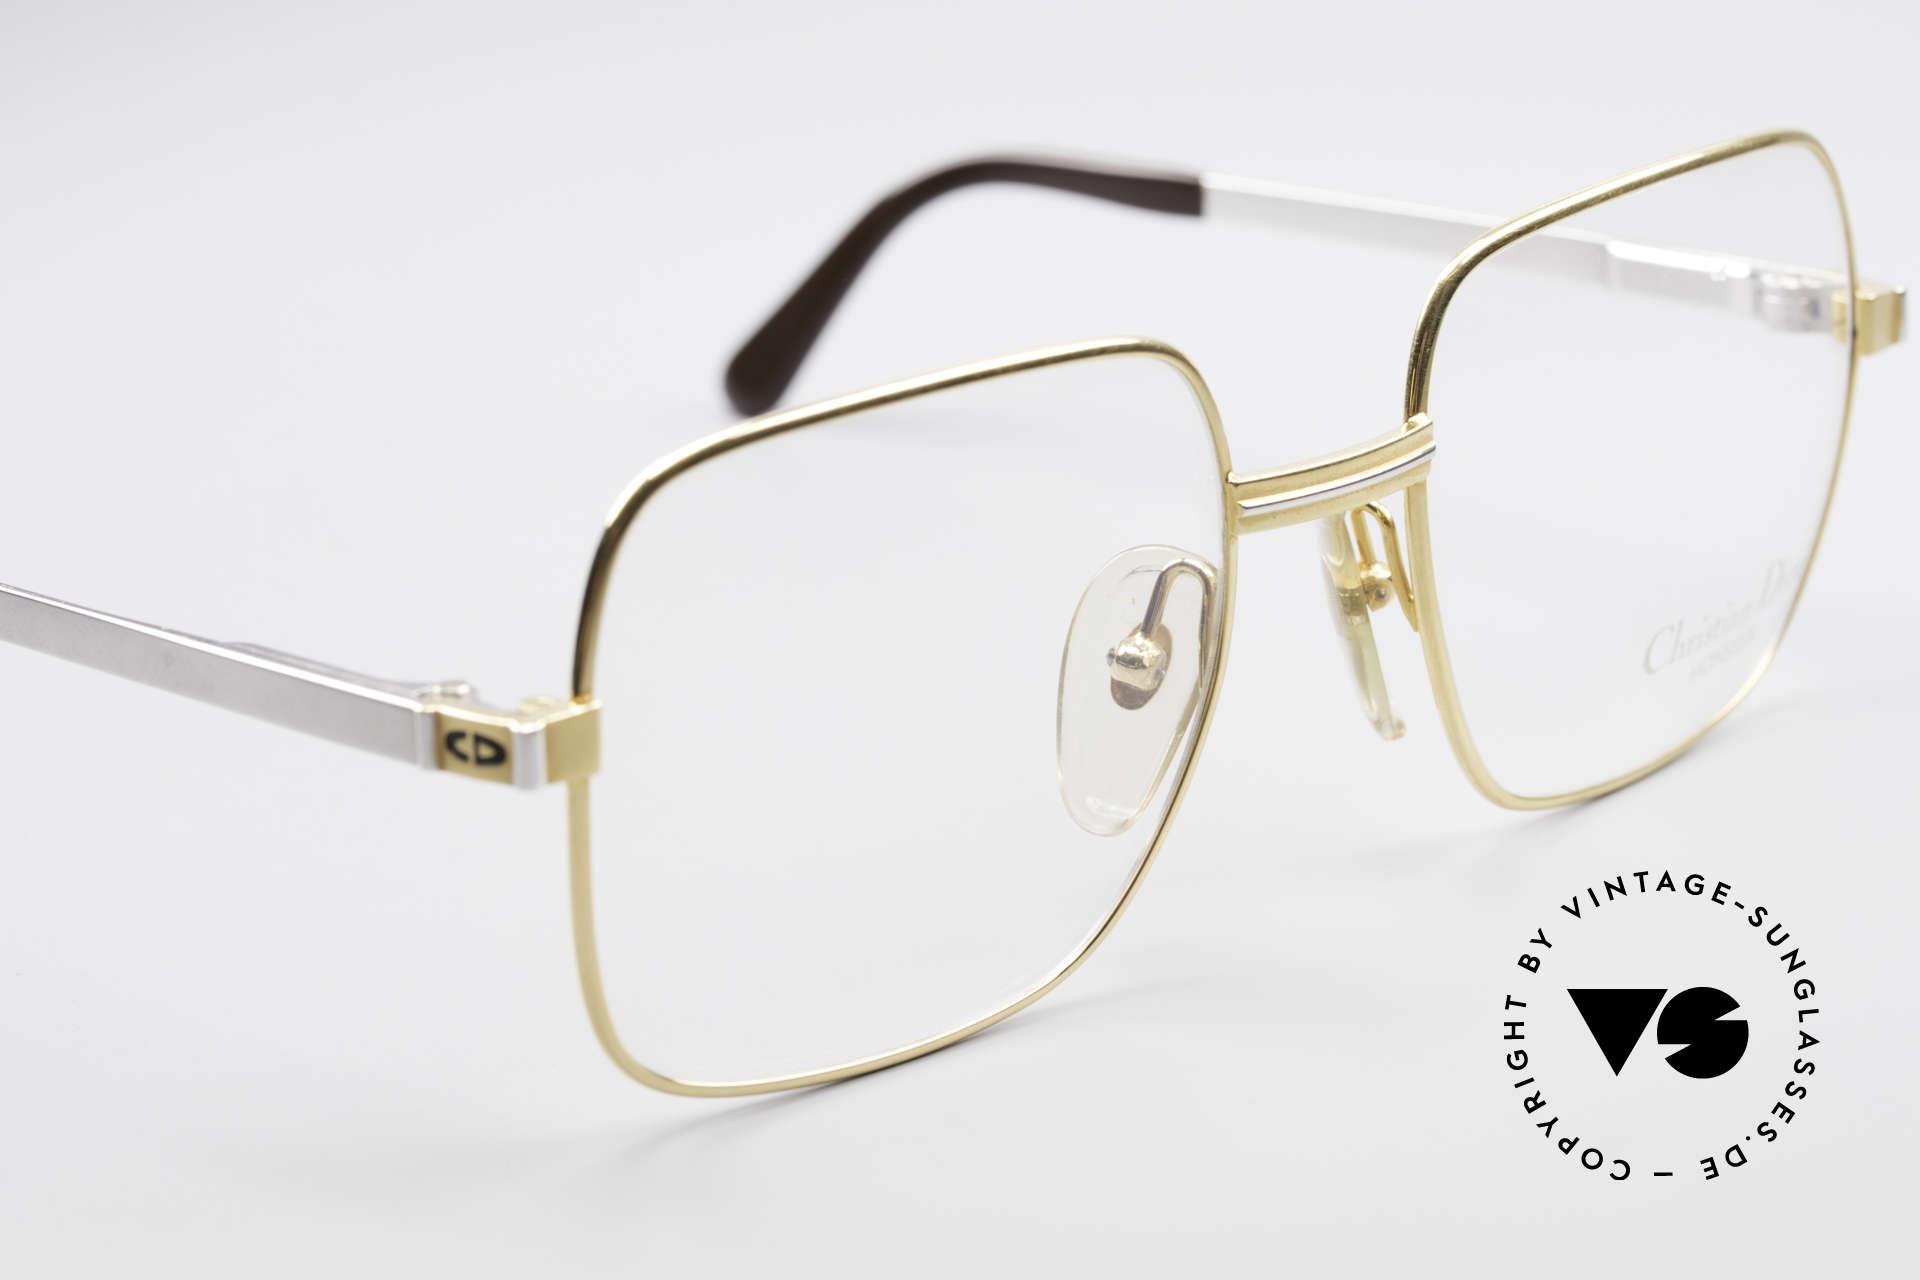 Christian Dior 2329 Dior Monsieur Vintage Frame, NO retro glasses, but a precious old original from 1987, Made for Men